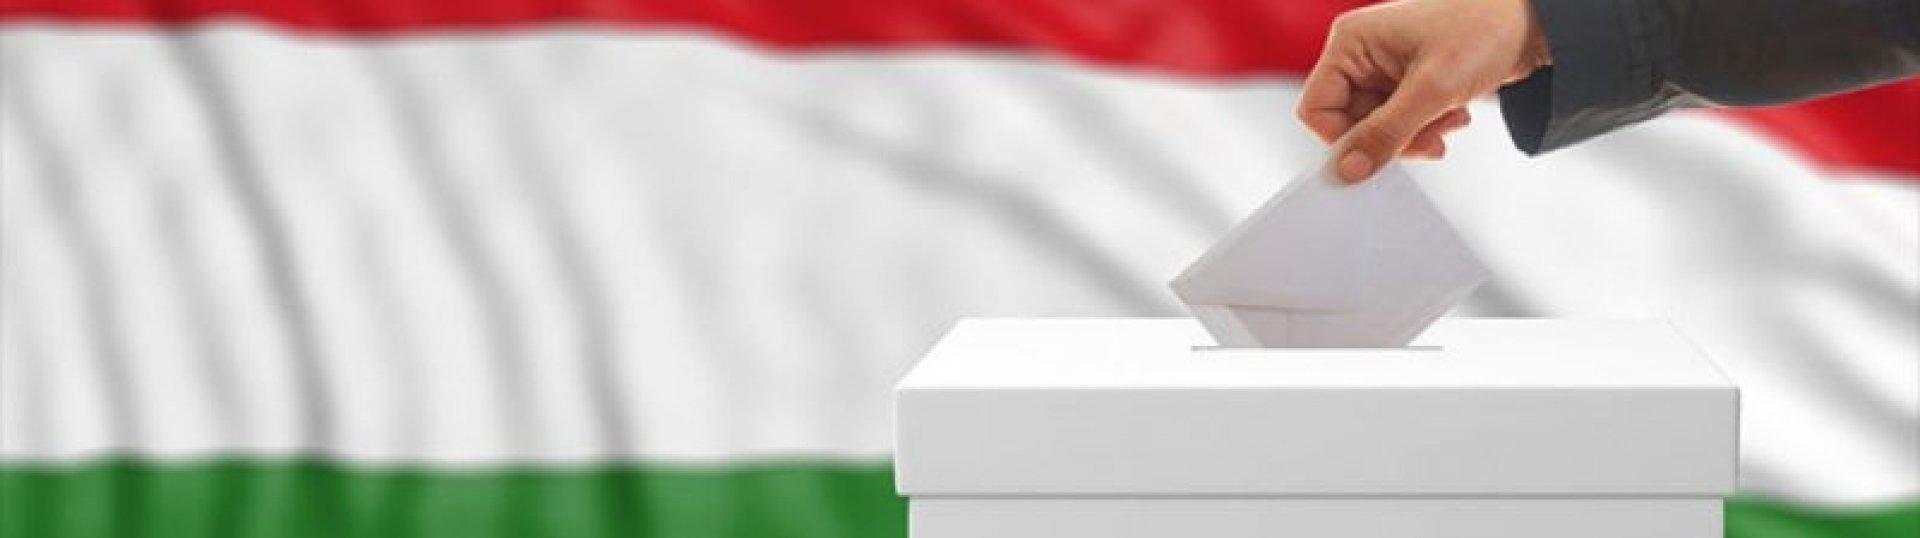 Policy Solutions a nemzetközi médiában – Választás 2018